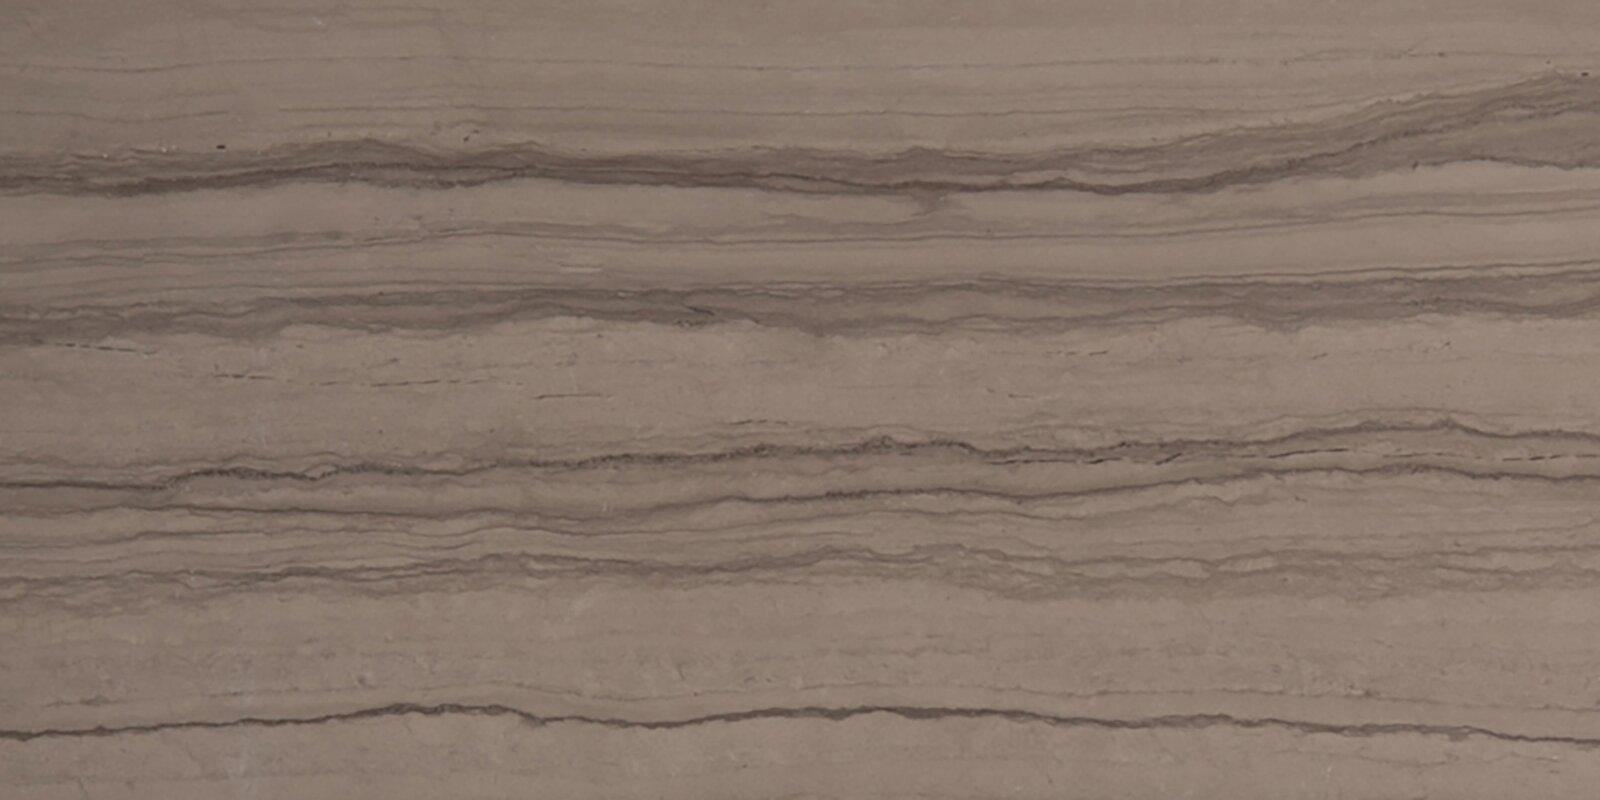 Awesome 1 Inch Ceramic Tile Tall 12 X 12 Ceiling Tiles Regular 12 X 24 Floor Tile 12X24 Ceramic Tile Young 16X16 Floor Tile Red18X18 Tile Flooring Emser Tile Metro 3\